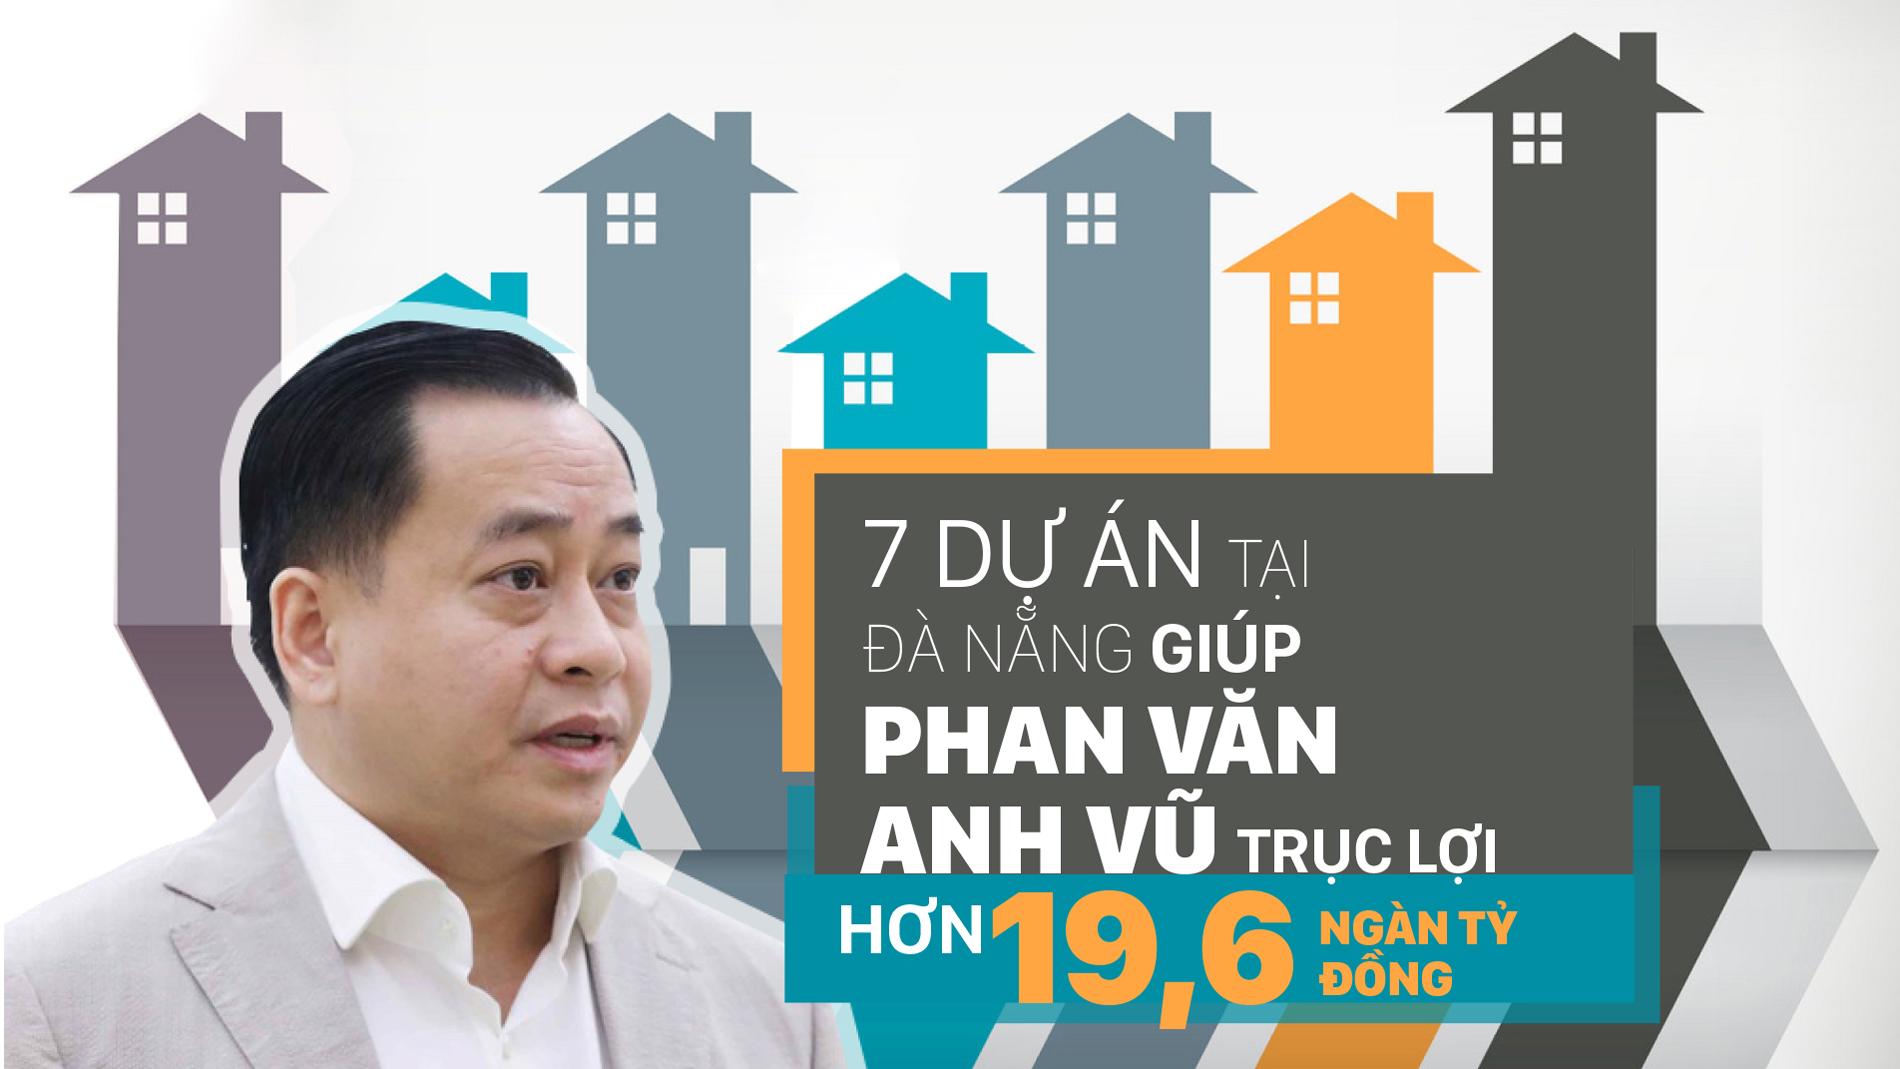 7 dự án tại Đà Nẵng giúp Phan Văn Anh Vũ trục lợi hơn 19,6 ngàn tỷ đồng